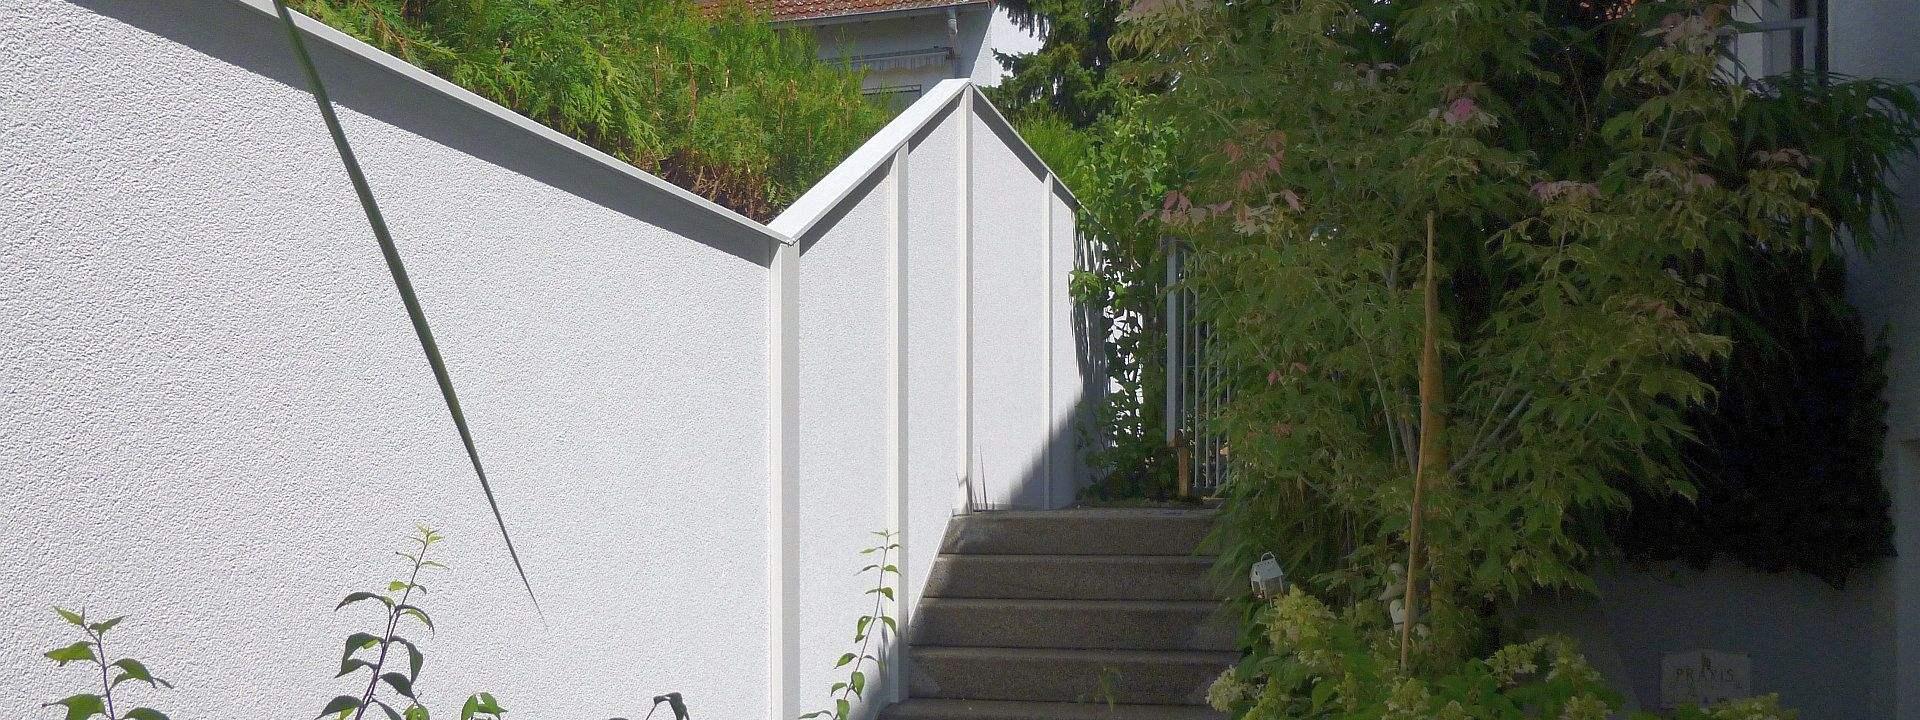 Der neue individuelle l rm und sichtschutz f r sie im garten - Gartenmauer fertigteile ...